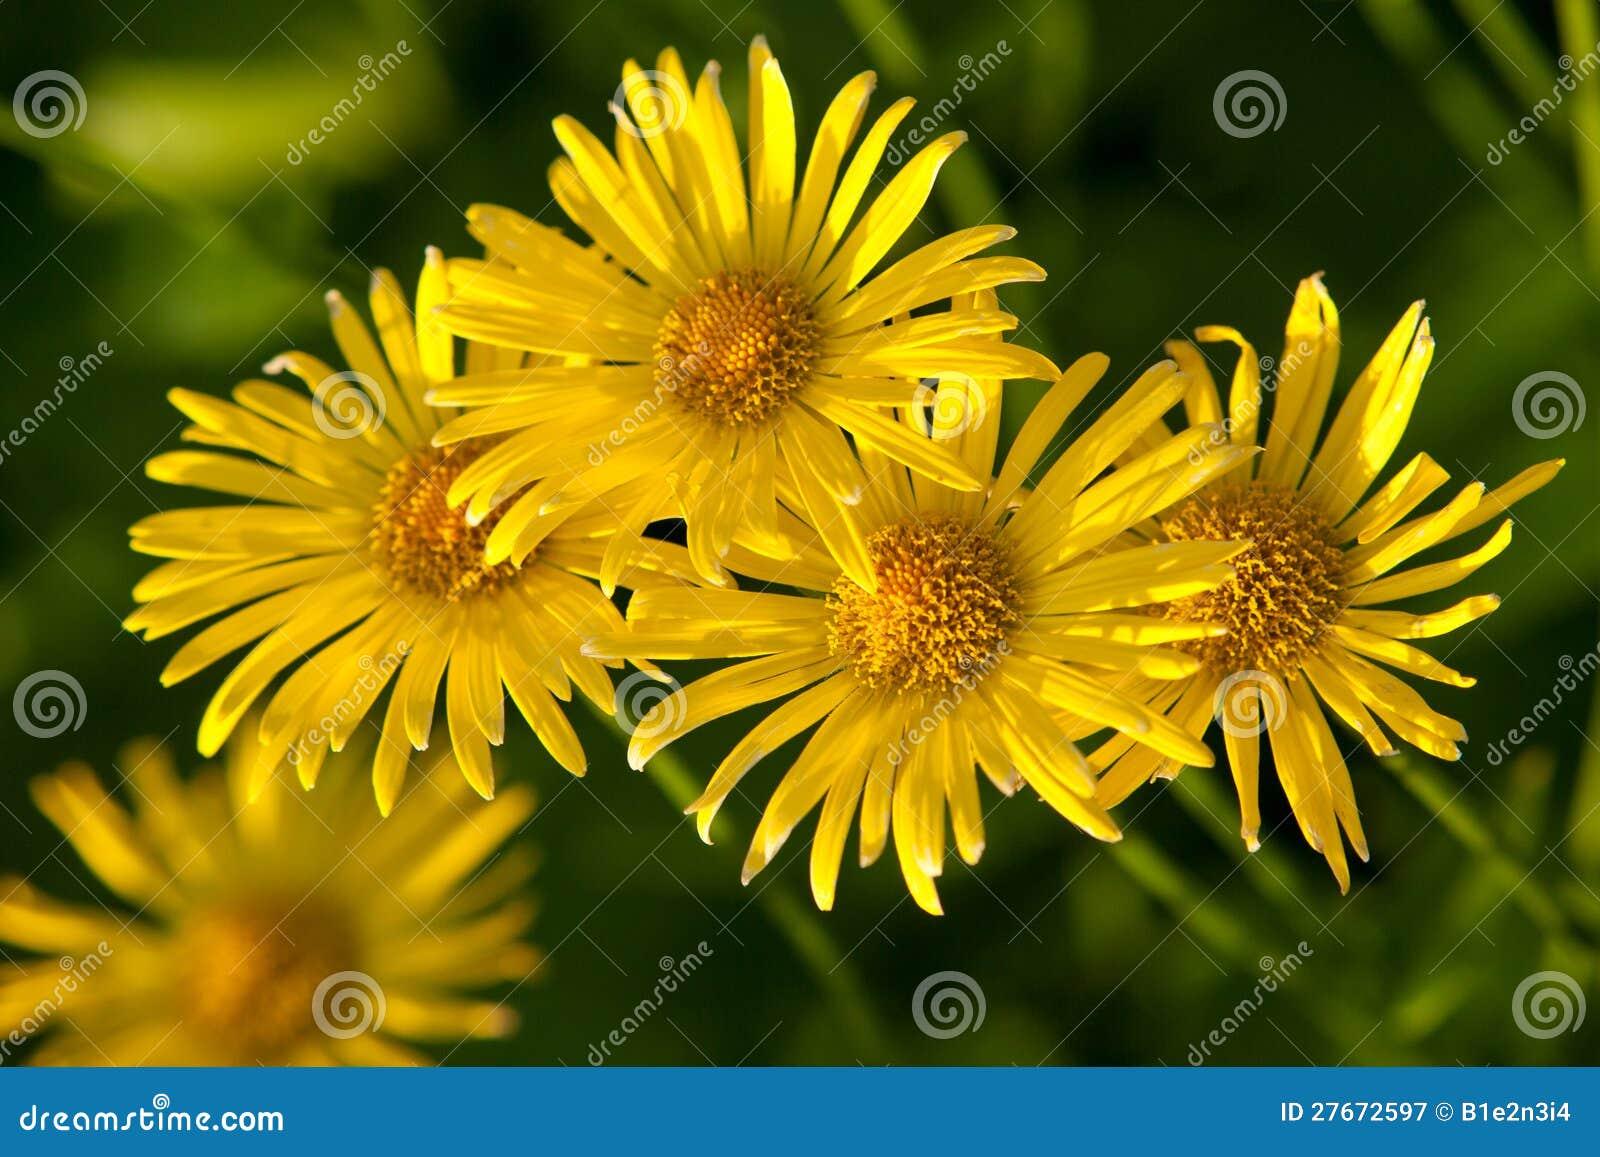 jardim rosas amarelas : jardim rosas amarelas:Flores Amarelas Fotografia de Stock Royalty Free – Imagem: 27672597